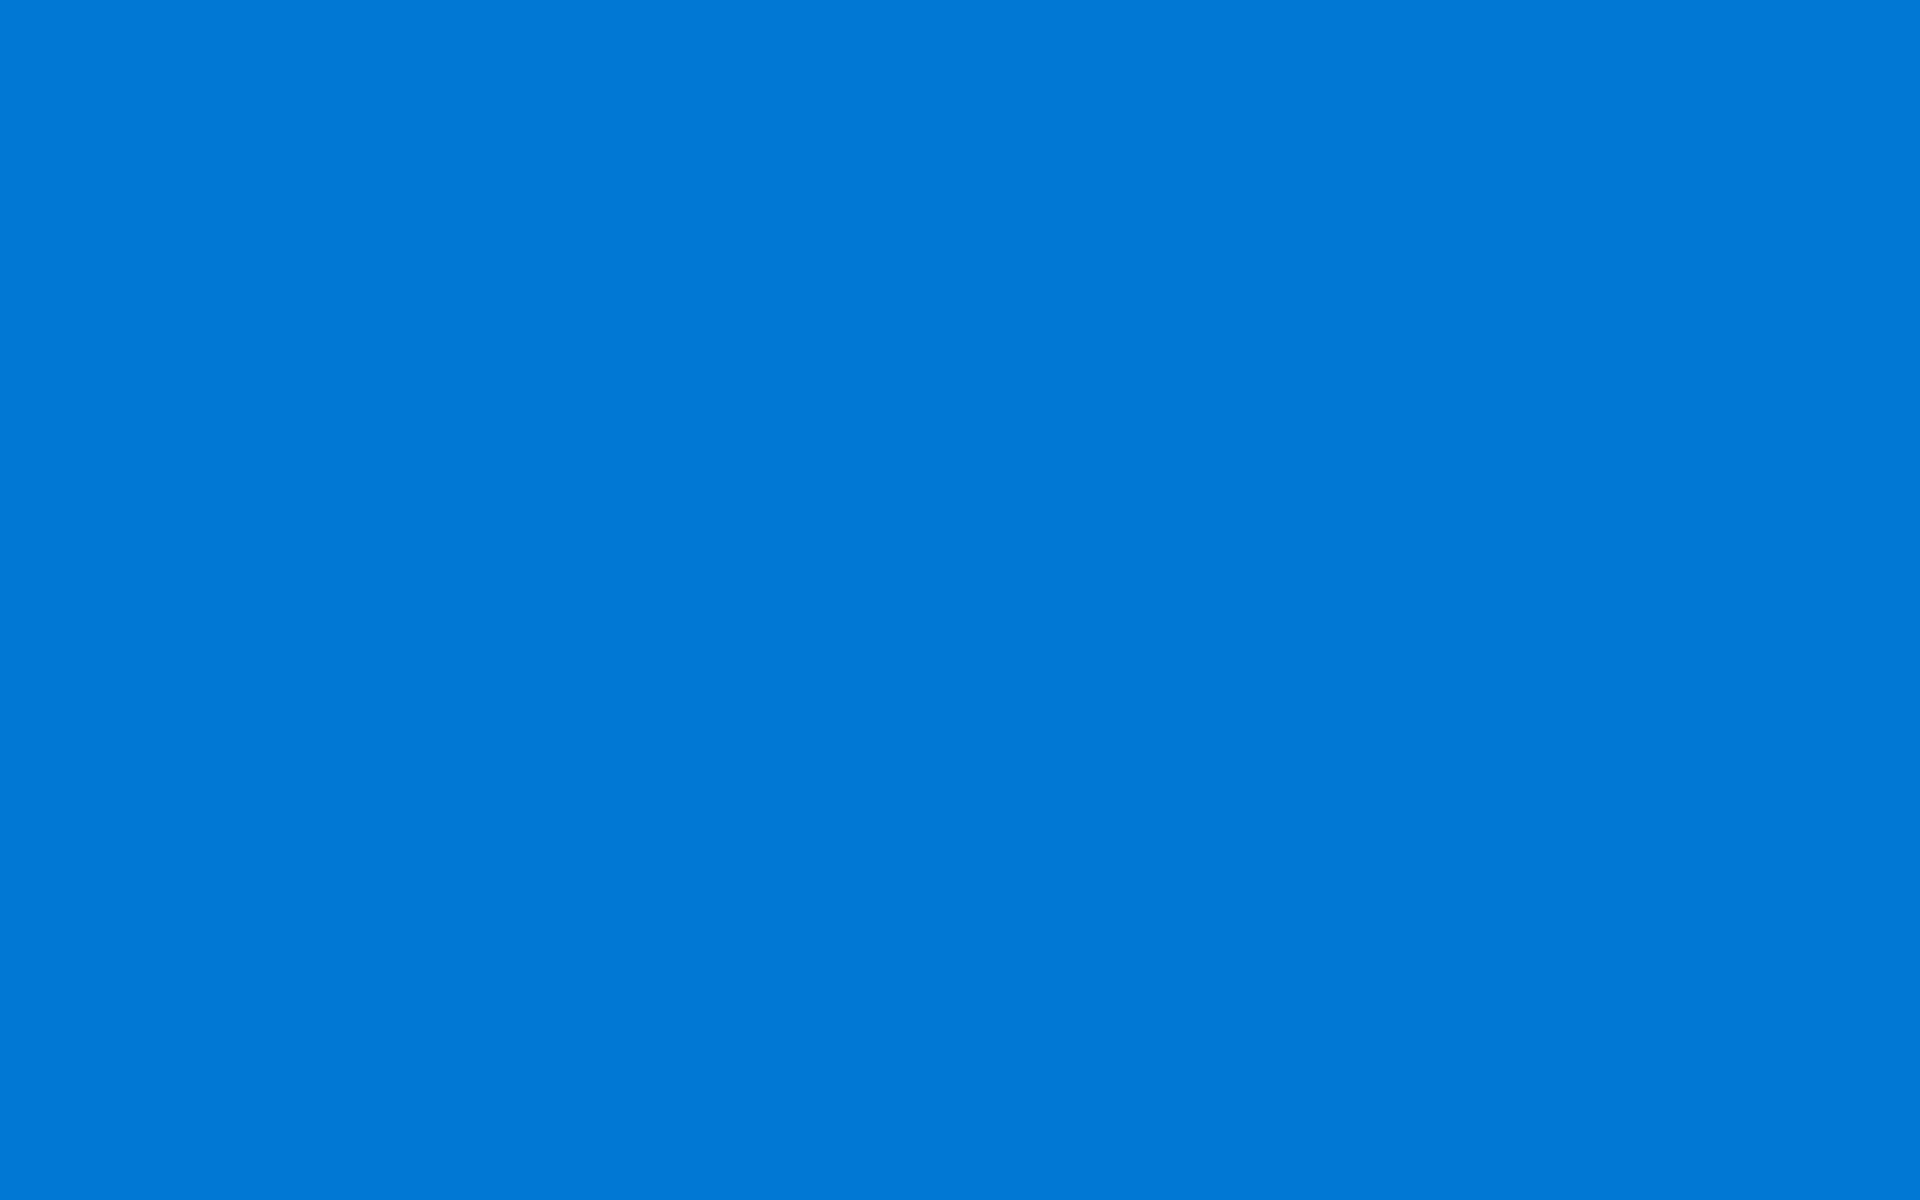 Windows 11 kanlı canlı ortaya çıktı 39